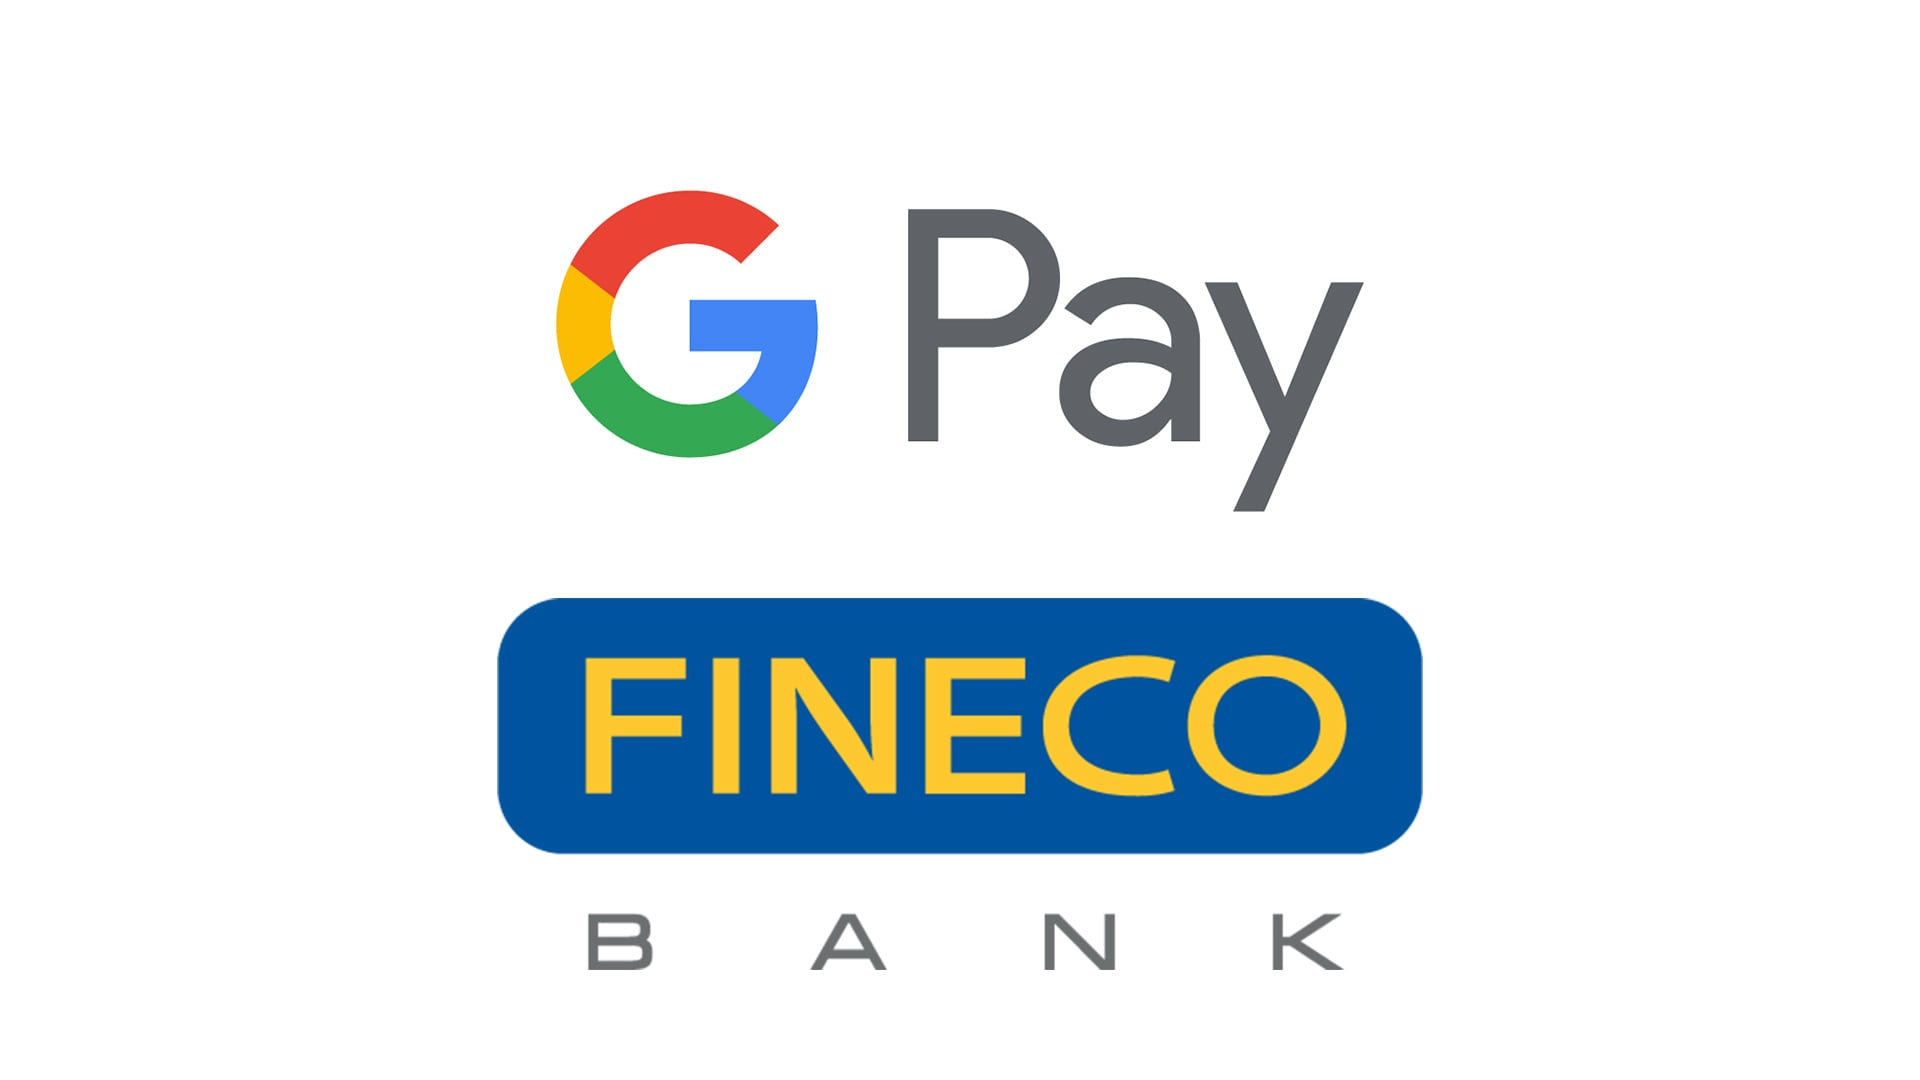 Fineco Bank  finalmente banca partner di Google Pay quali carte sono abilitate  AndroidWorld